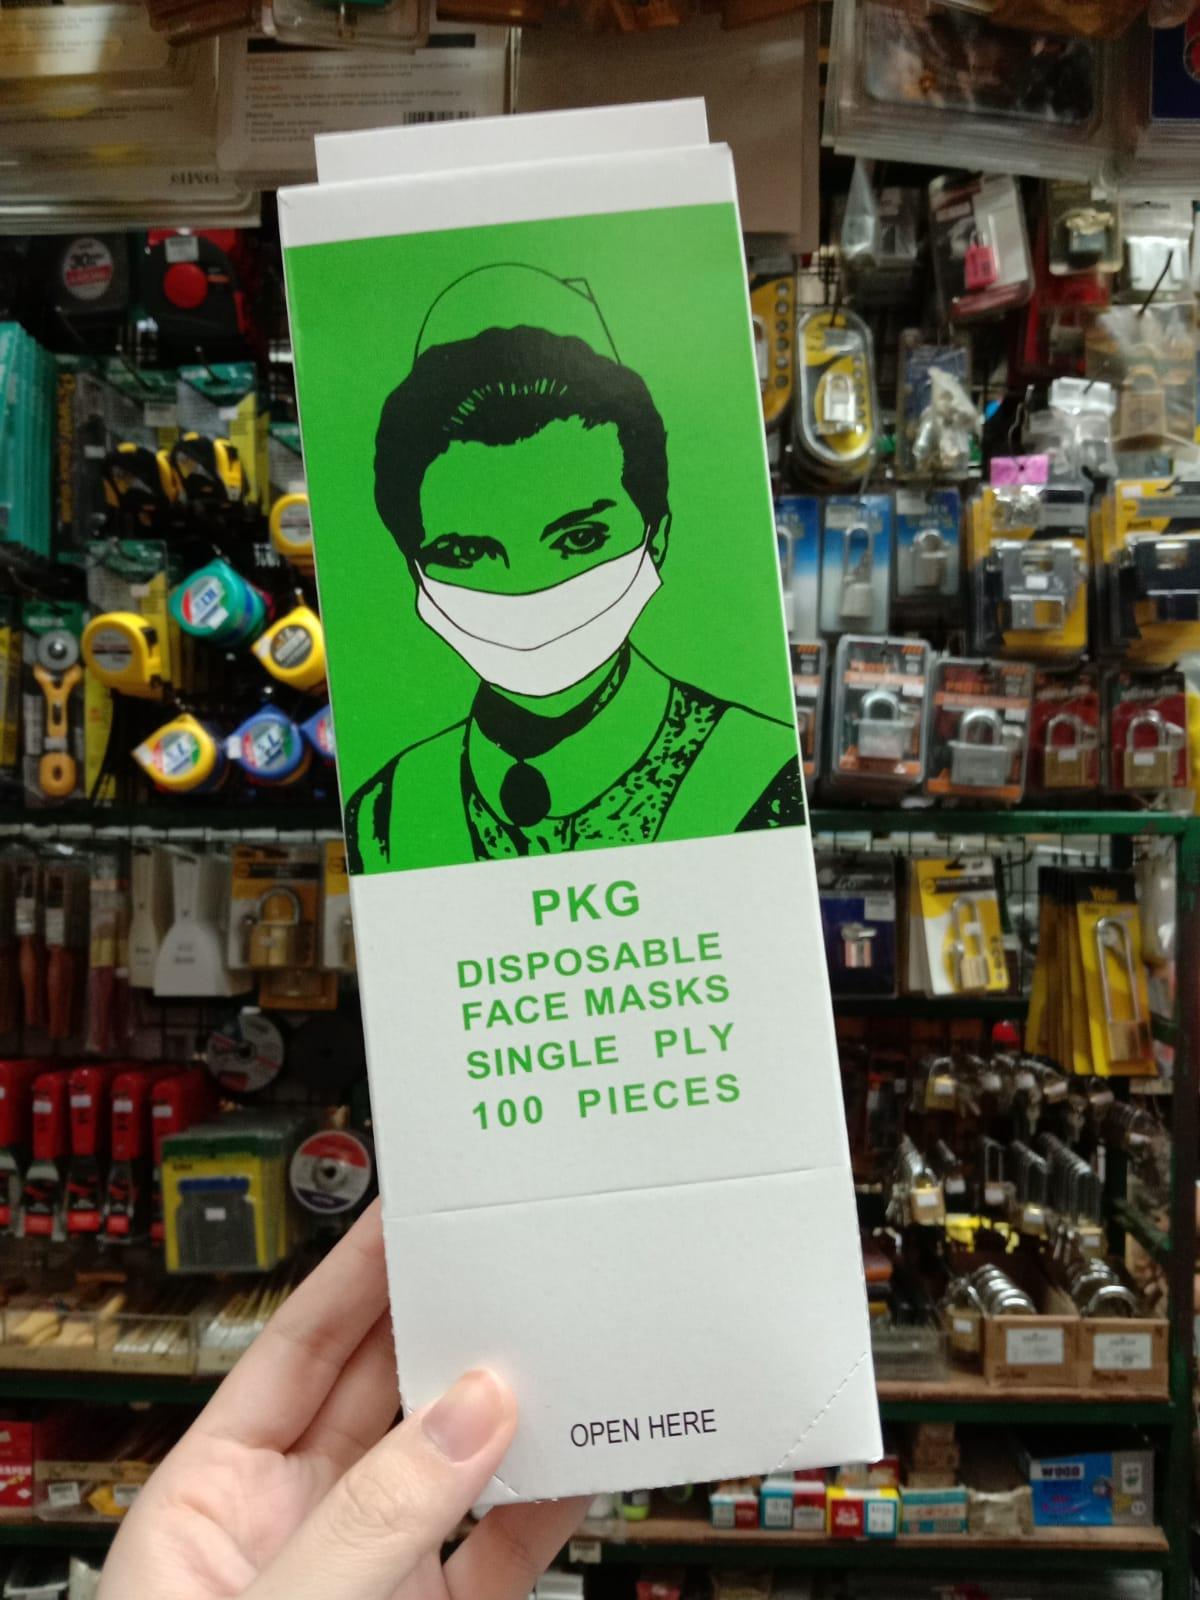 PKG Disposable Face Masks